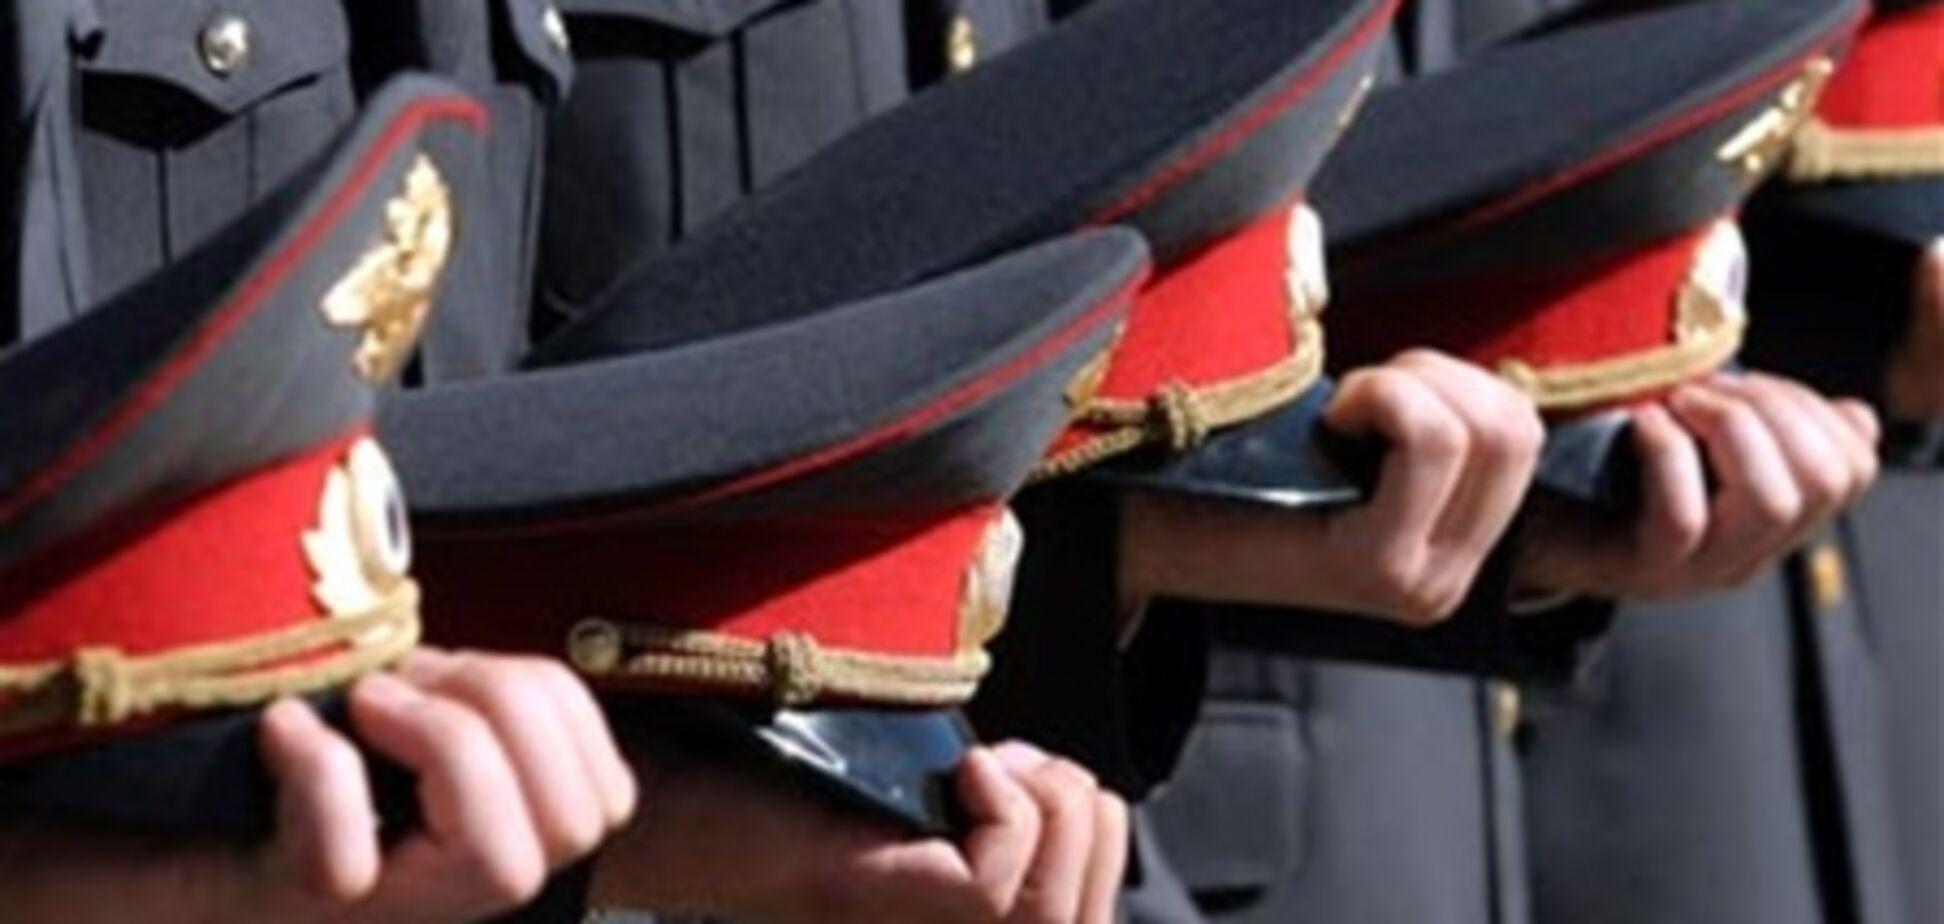 В Симферополе за пытки арестовали двух сотрудников милиции